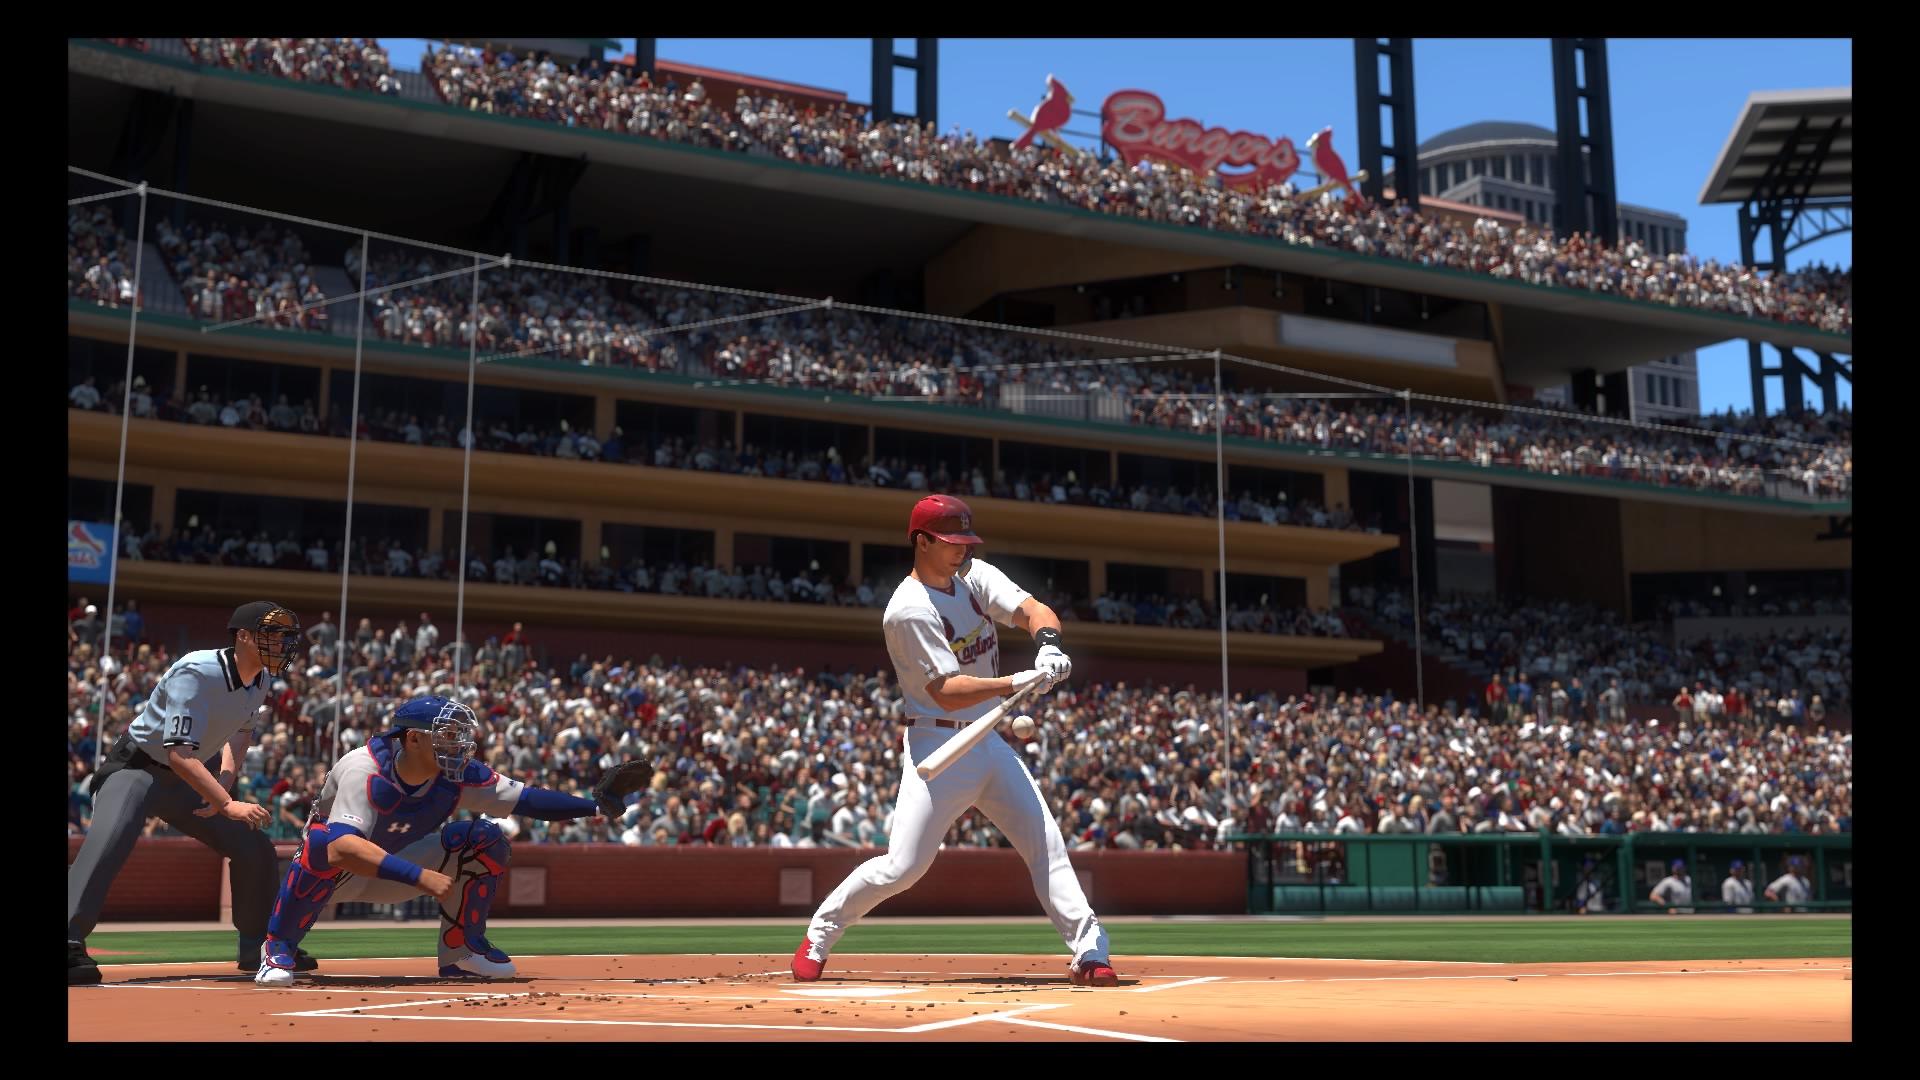 """paul-goldschmidt-cardinals-mlb-the-show-20 """"srcset ="""" https://dlprivateserver.com/wp-content/uploads/2020/02/1580651431_256_MLB-The-Show-20-predicciones-de-clasificacion-de-jugadores-de.jpg 1920w, https://realsport101.com/wp-content/uploads/2020/01/paul-goldschmidt-cardinals-mlb-the-show-20-300x169.jpg 300w, https://realsport101.com/wp-content /uploads/2020/01/paul-goldschmidt-cardinals-mlb-the-show-20-500x281.jpg 500w, https://realsport101.com/wp-content/uploads/2020/01/paul-goldschmidt-cardinals- mlb-the-show-20-768x432.jpg 768w, https://realsport101.com/wp-content/uploads/2020/01/paul-goldschmidt-cardinals-mlb-the-show-20-1536x864.jpg 1536w, https://realsport101.com/wp-content/uploads/2020/01/paul-goldschmidt-cardinals-mlb-the-show-20-360x203.jpg 360w, https://realsport101.com/wp-content/uploads /2020/01/paul-goldschmidt-cardinals-mlb-the-show-20-545x307.jpg 545w, https://realsport101.com/wp-content/uploads/2020/01/paul-goldschmidt-cardinals-mlb- the-show-20-1600x900.jpg 1600w """"tamaños ="""" (ancho máximo: 1920px) 100vw, 1920px """"> SLUG GER: el promedio de Goldschmidt cayó en 2019   <p><strong>Calificación de lanzamiento 2019: 91</strong></p> <p><strong>Predicción 2020: 89</strong></p> <p>Goldschmidt fue uno de los nombres más importantes en la agencia libre en 2018, y los Cardenales fueron el equipo que finalmente lo alejó de Arizona.</p> <p>En su primer año en San Luis alcanzó su promedio de bateo más bajo desde 2011, llegando a .260. Todavía bateó 34 jonrones con 97 carreras impulsadas.</p> <p>Al entrar en su temporada de 32 años, después de un año de baja, espero que su calificación inicial baje un poco desde 2019.</p> <h2>Jack Flaherty, SP</h2> <p> <img src="""